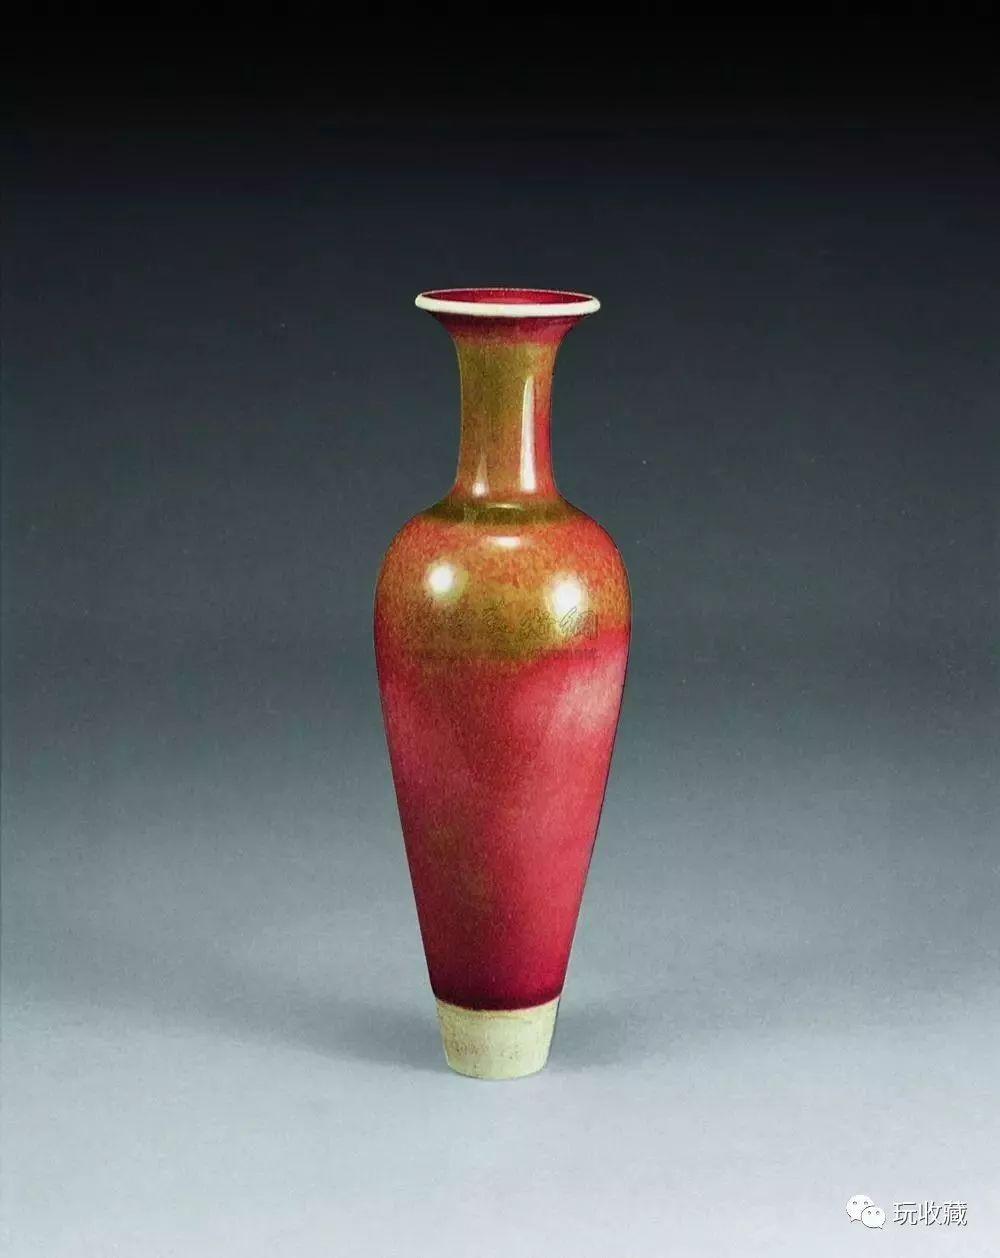 古代陶瓷瓶罐器型大全,长知识收藏!图片